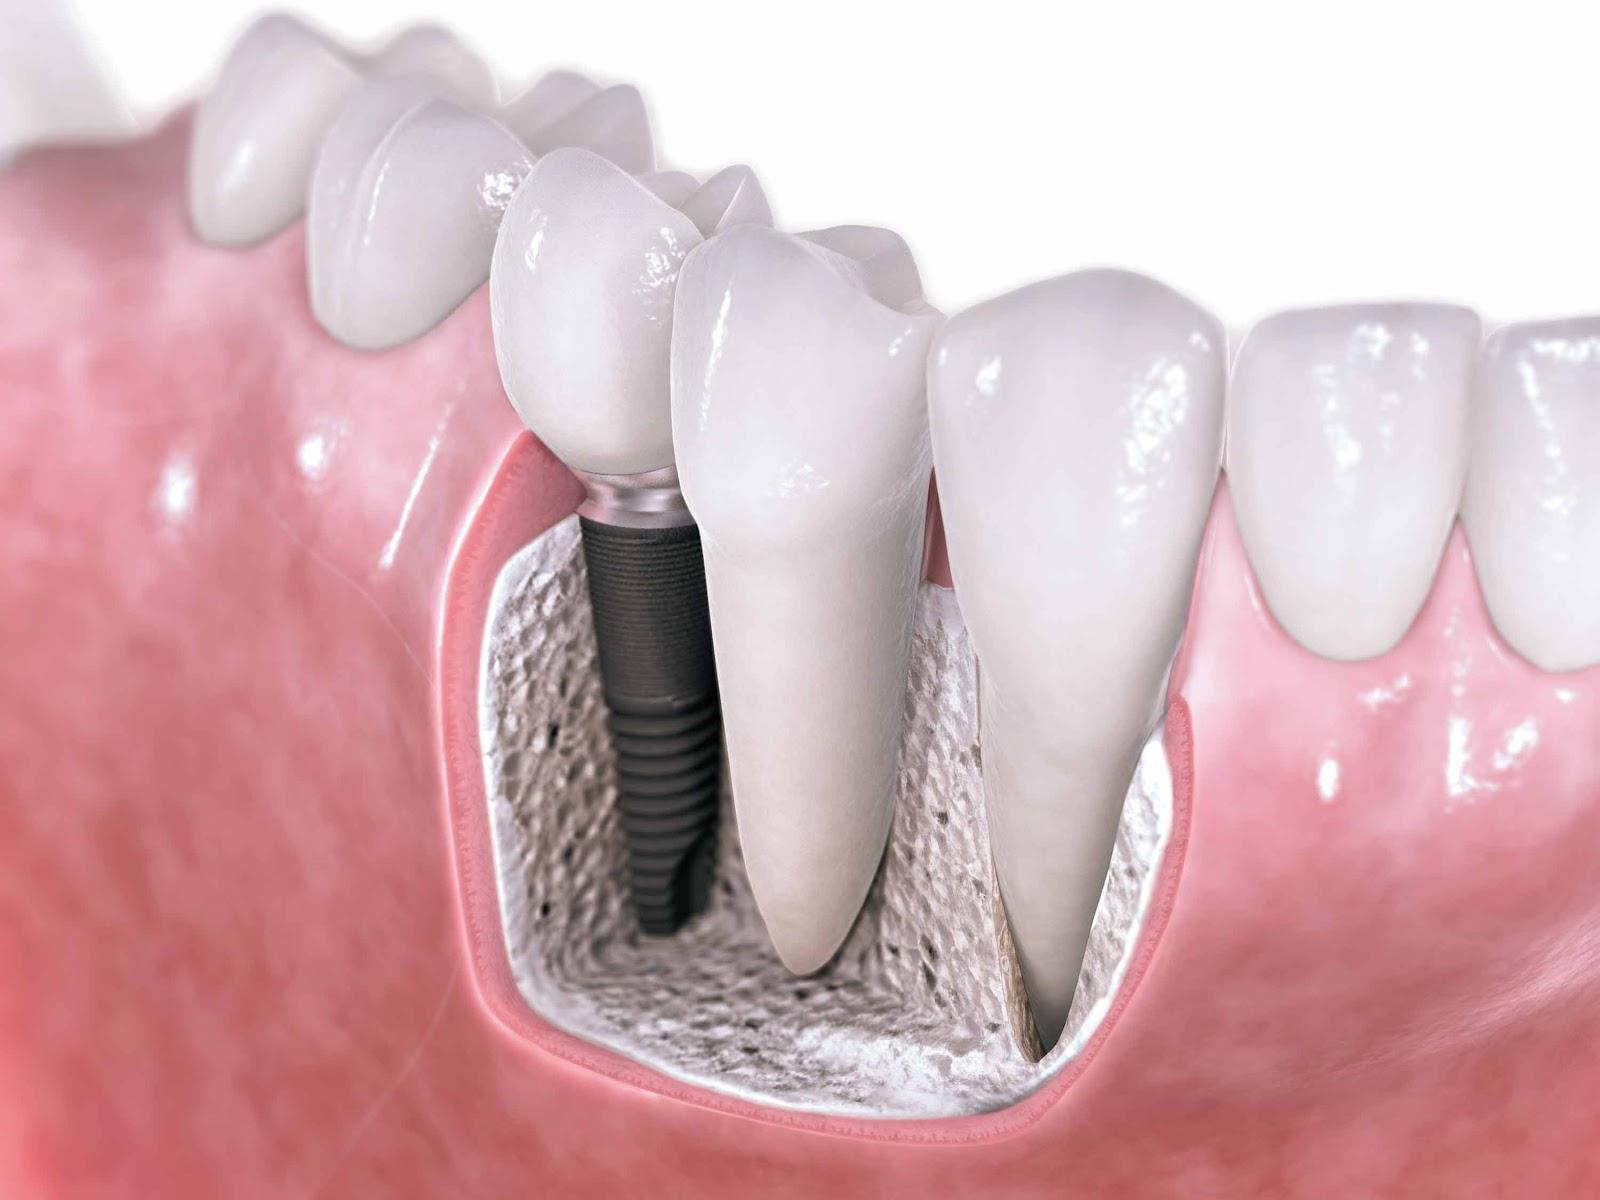 Lake Ridge Dental Care